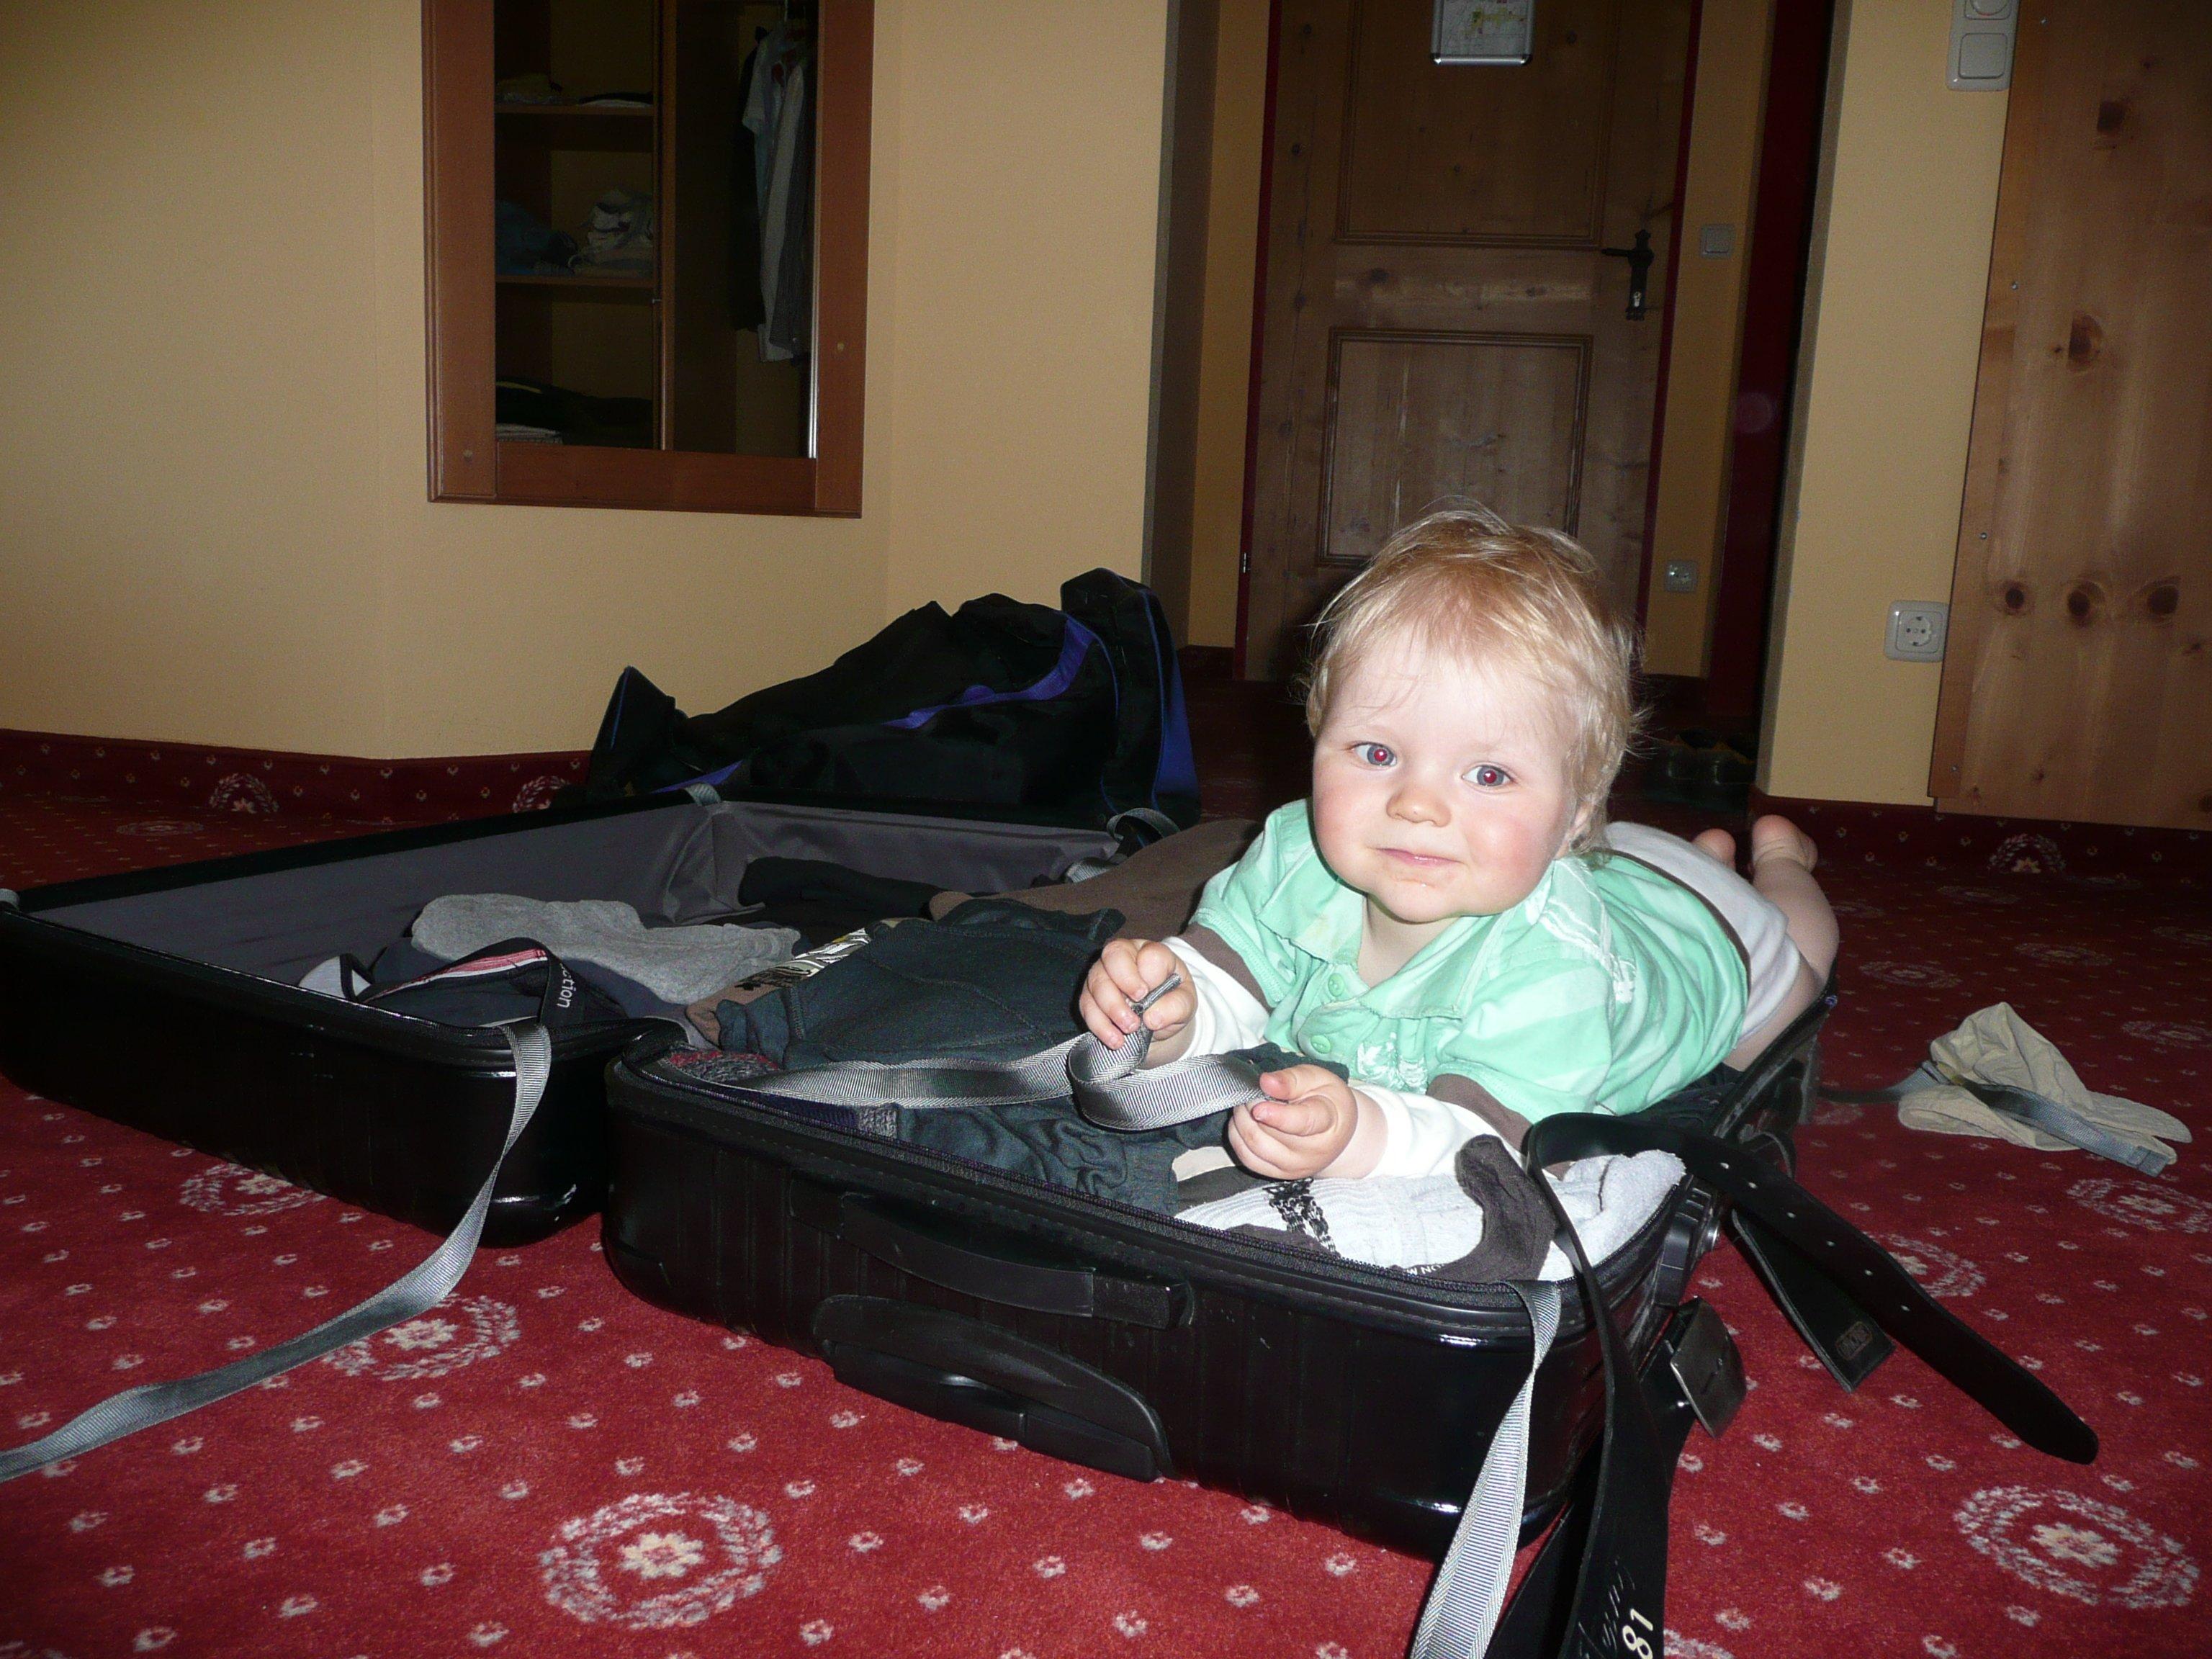 Kofferpacken mit Baby kann stressig sein, muss es aber nicht. © KidsAway